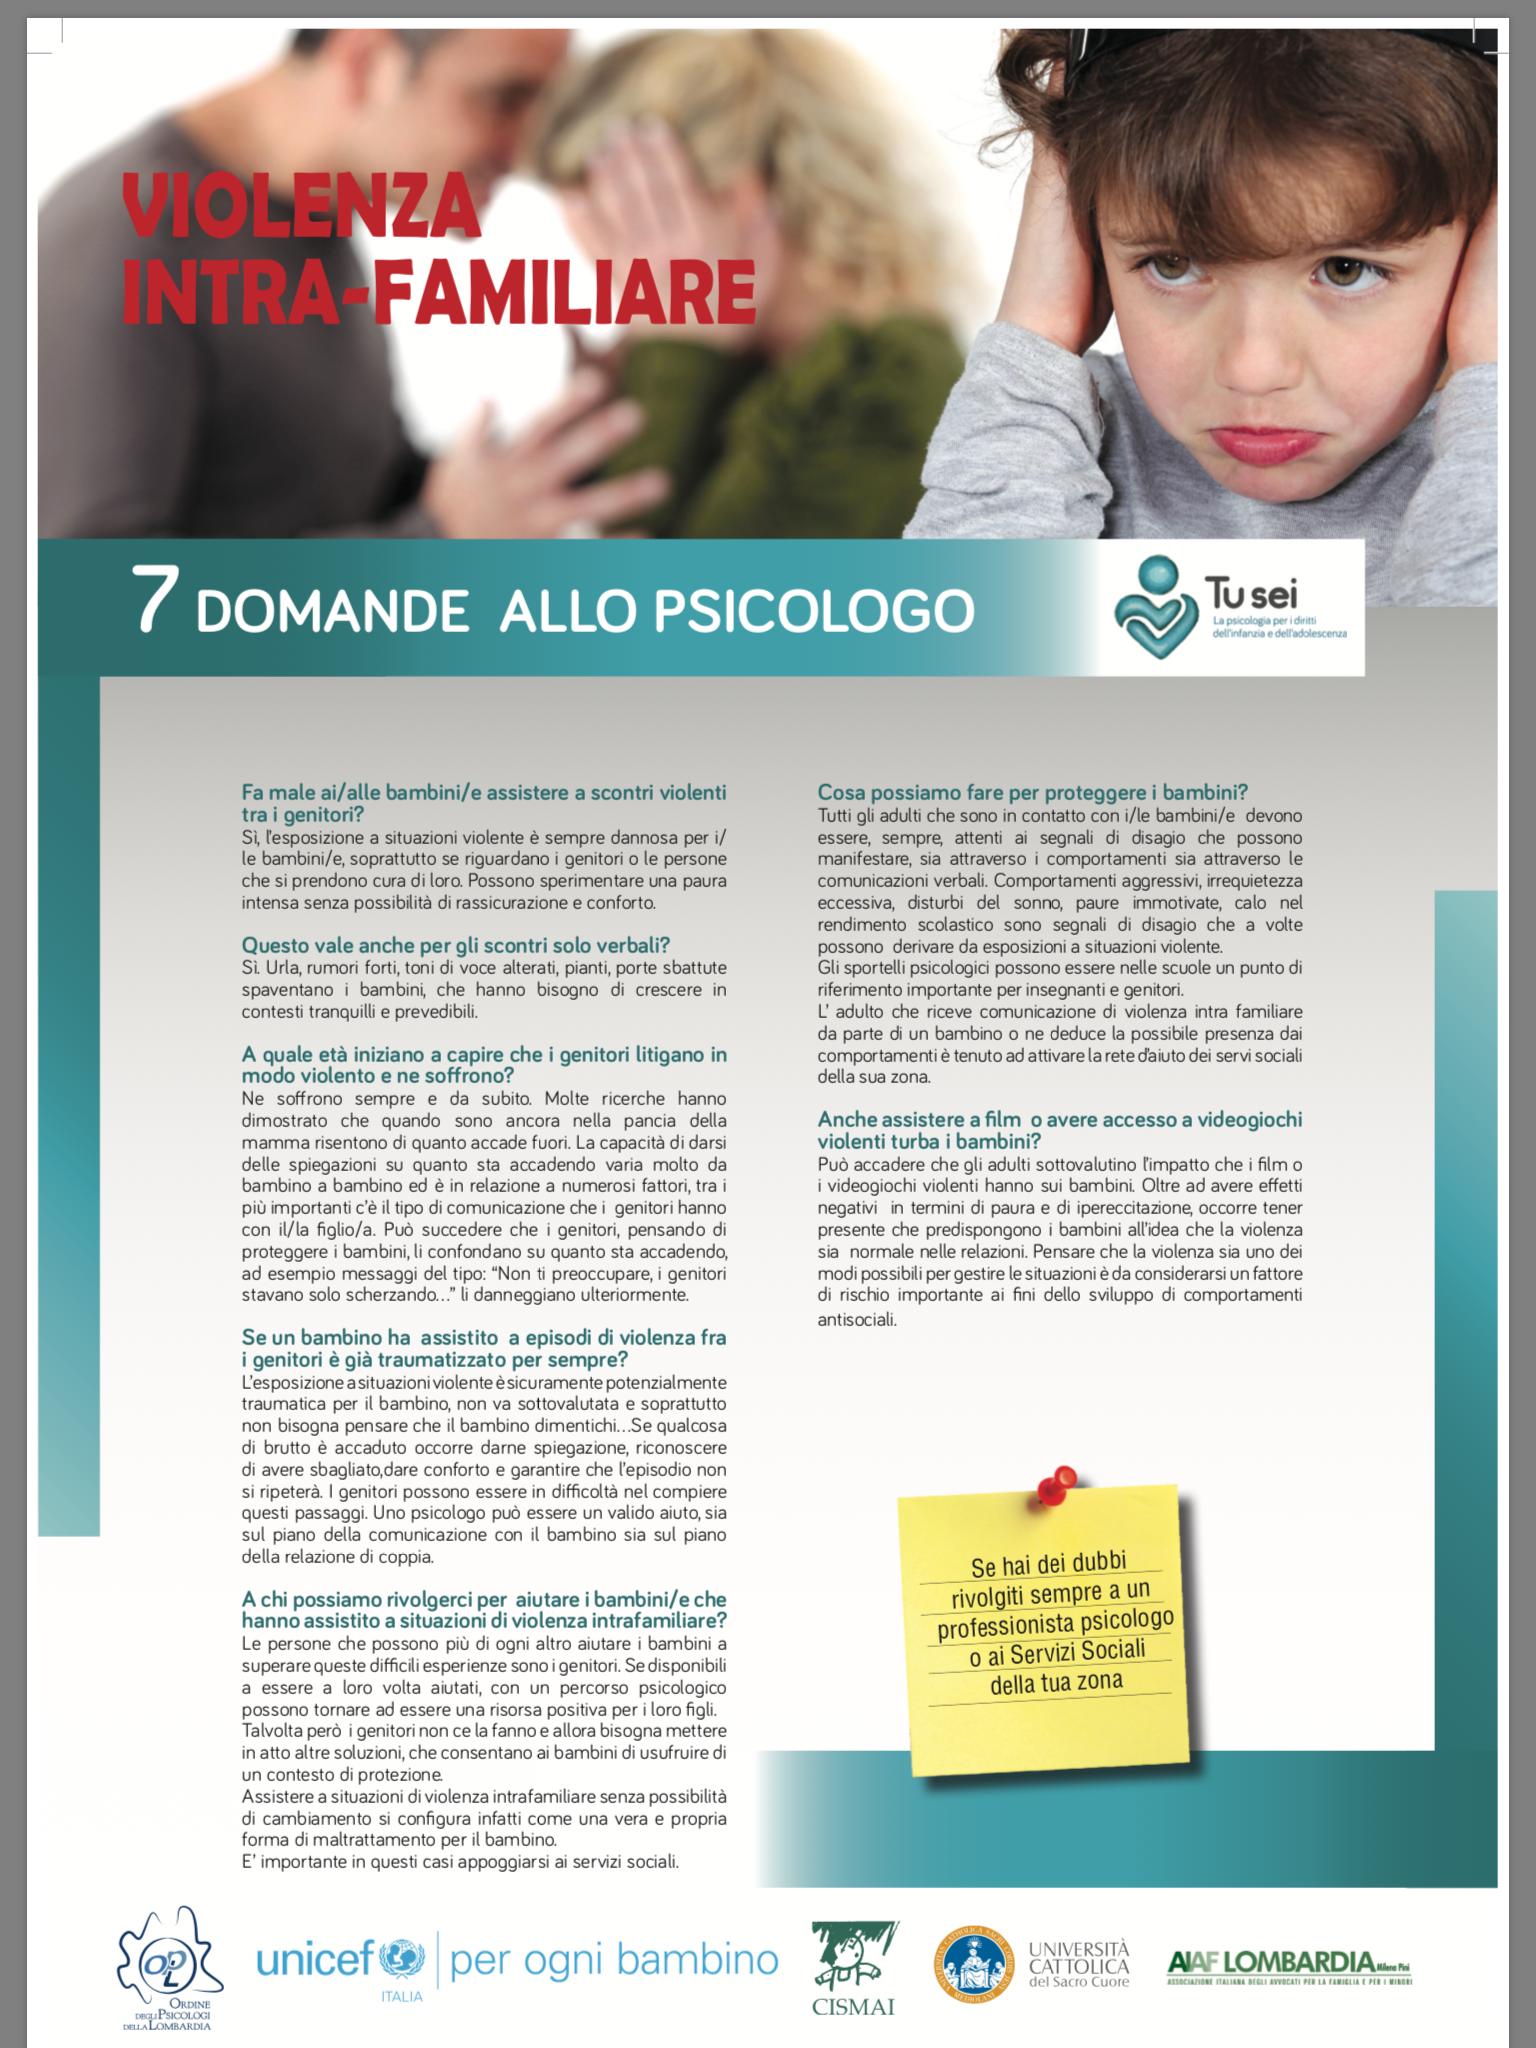 Violenza assistita: in Italia 427 mila bambini, in soli 5 anni, testimoni diretti o indiretti dei maltrattamenti in casa nei confronti delle loro mamme; più di 1,4 milioni le madri vittime di violenza domestica